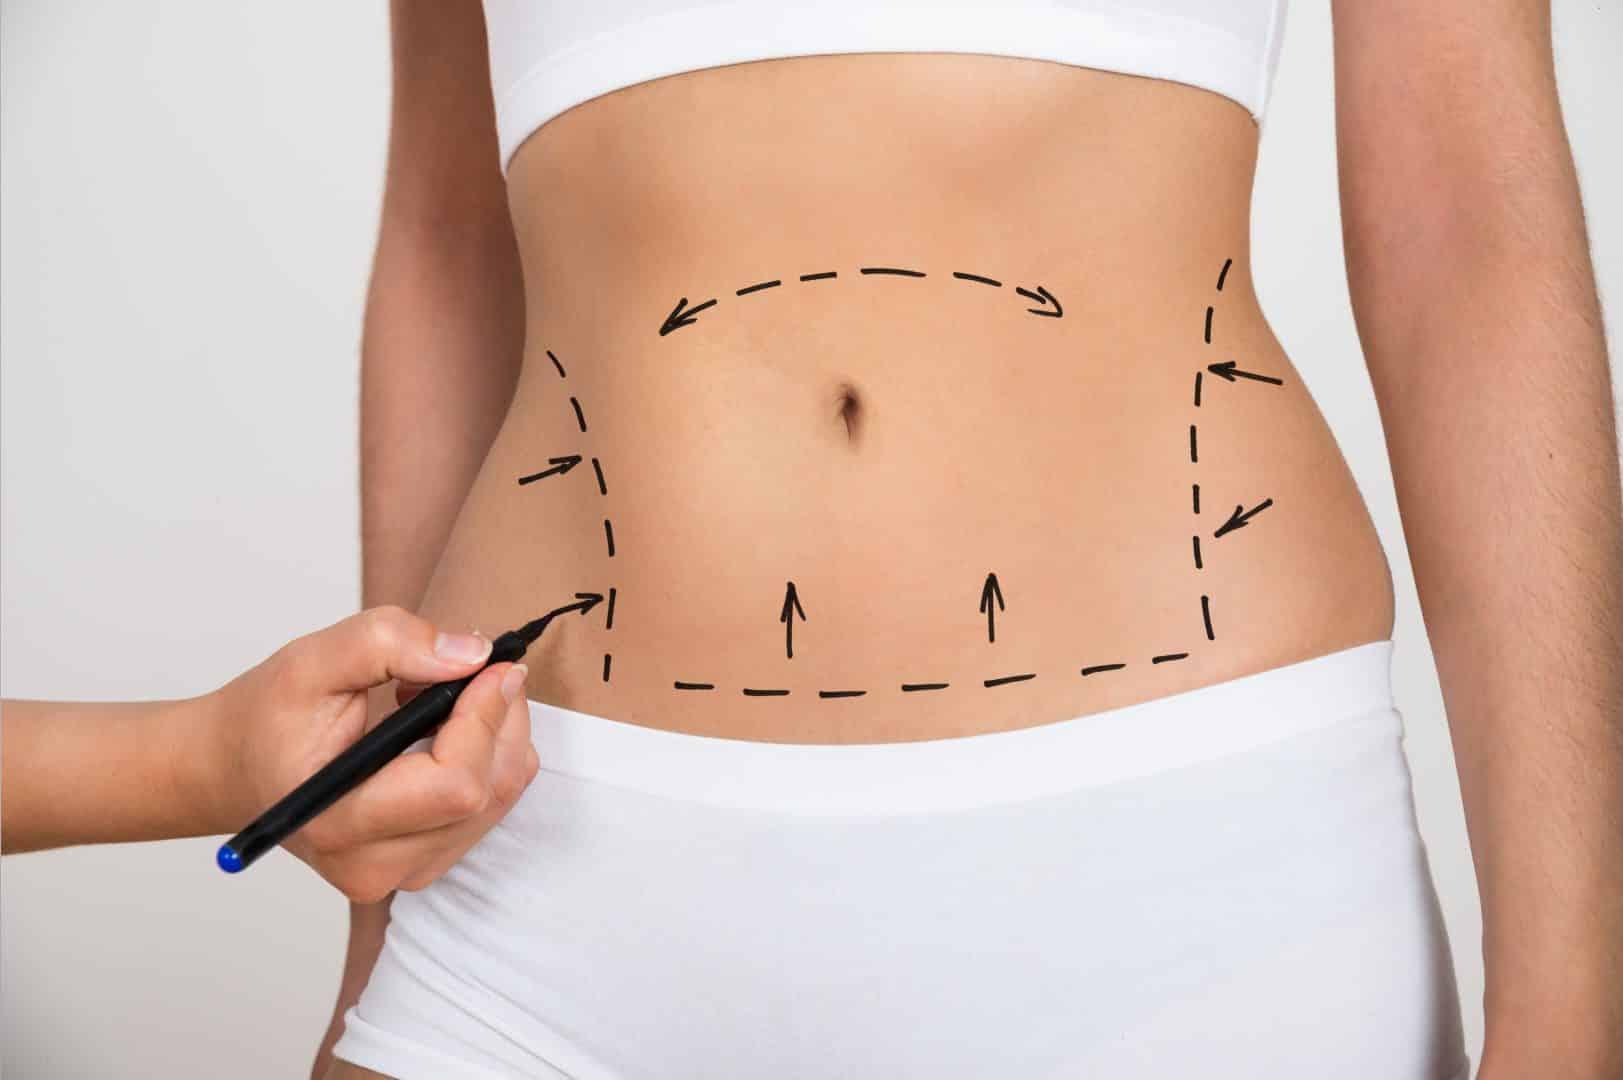 Descubra agora as 6 cirurgias mais realizadas no Brasil